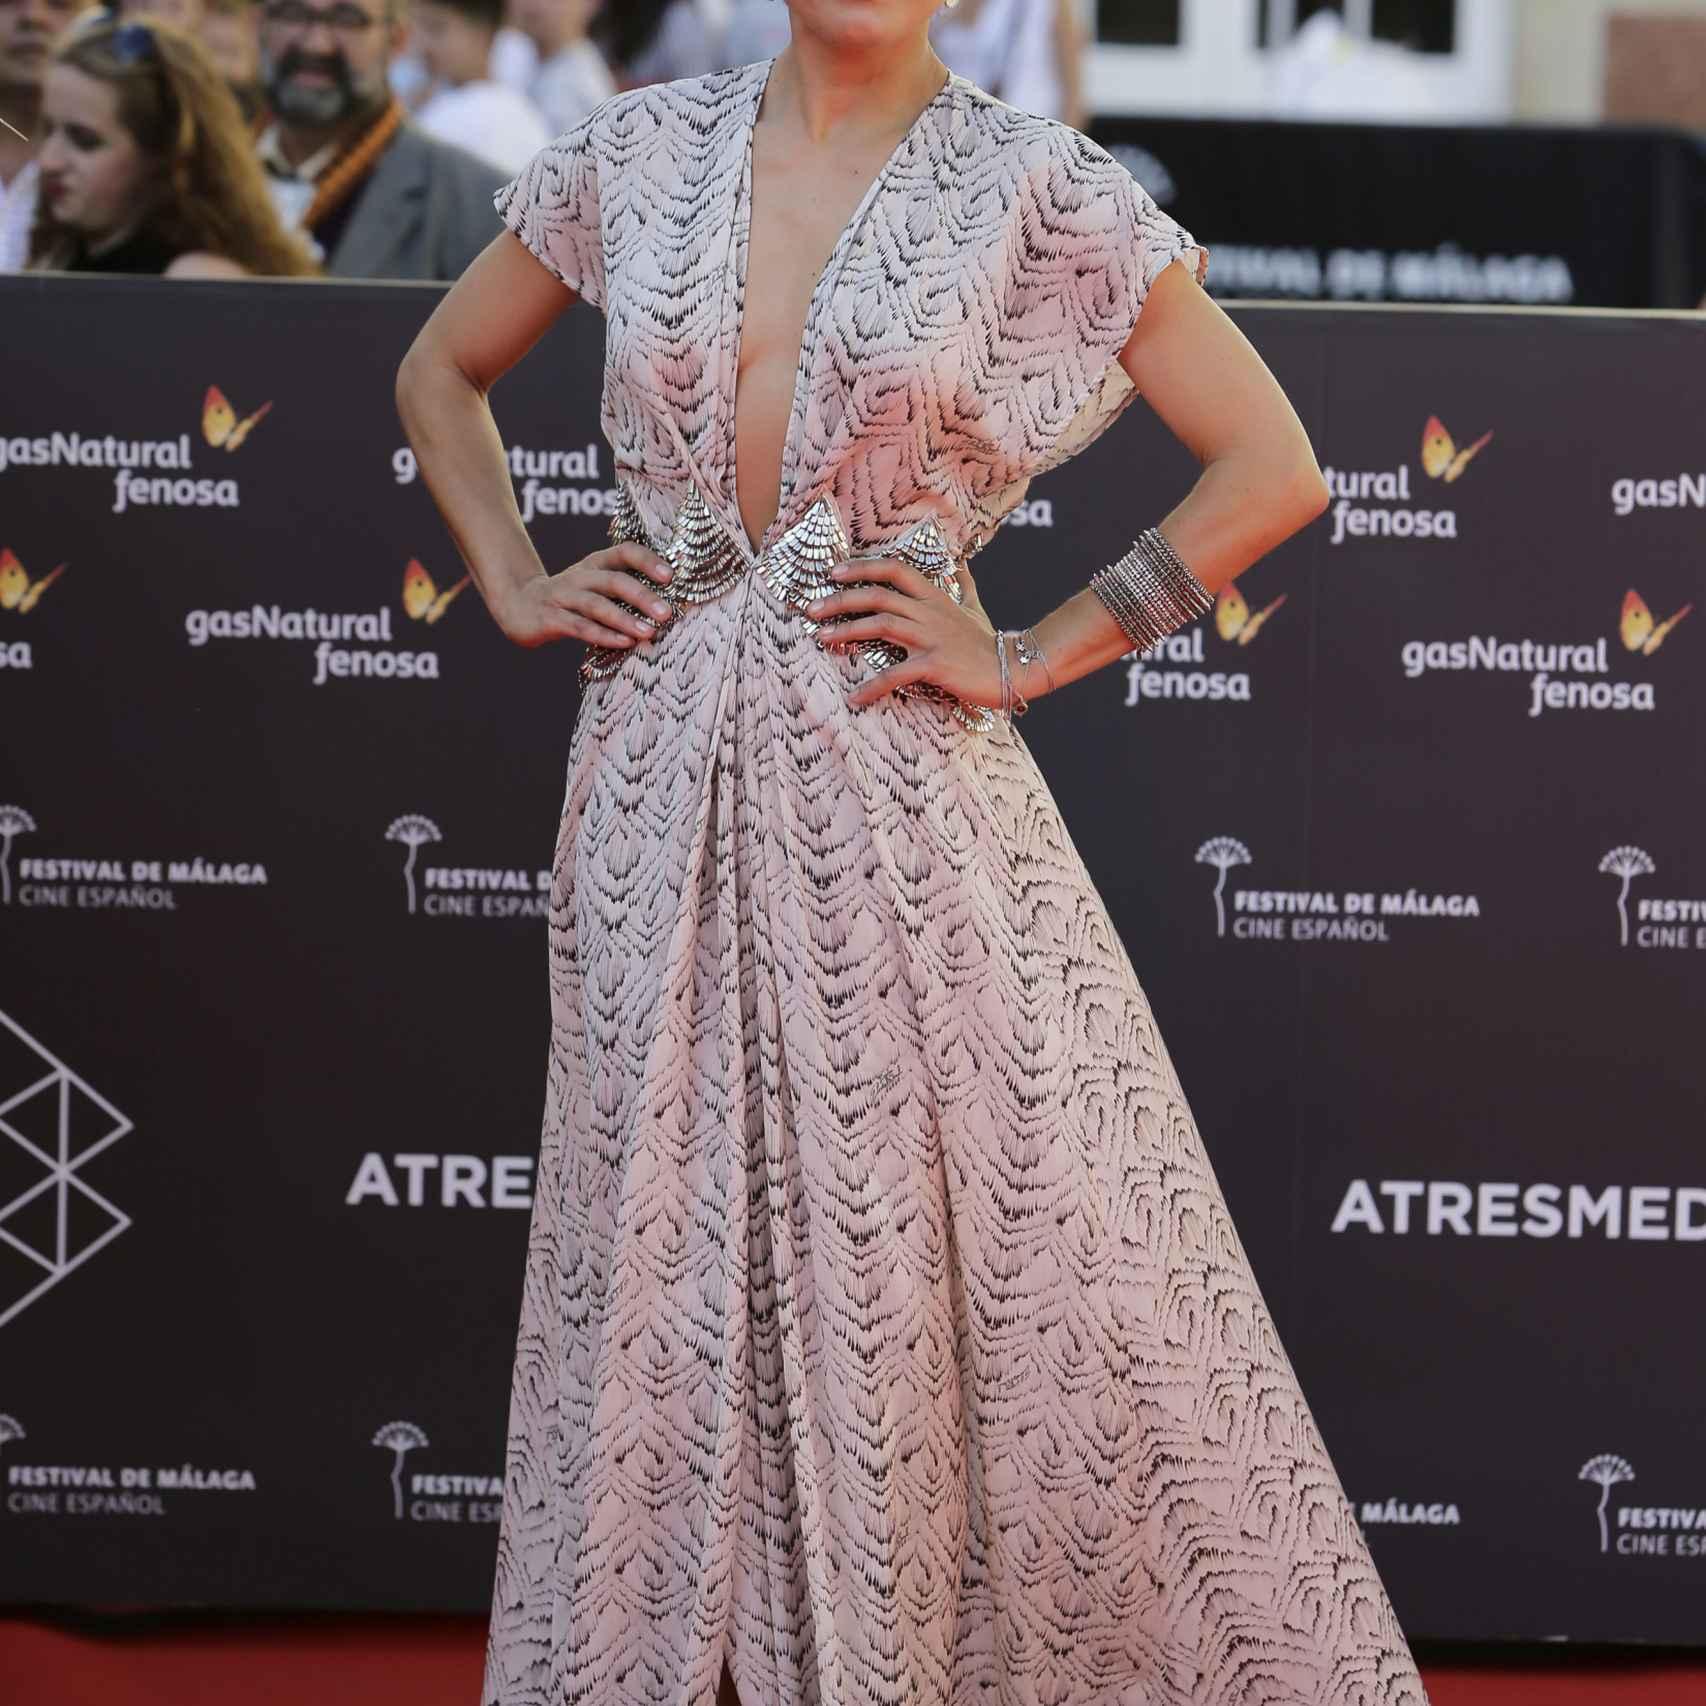 La actriz Toni Acosta con un escote de vértigo